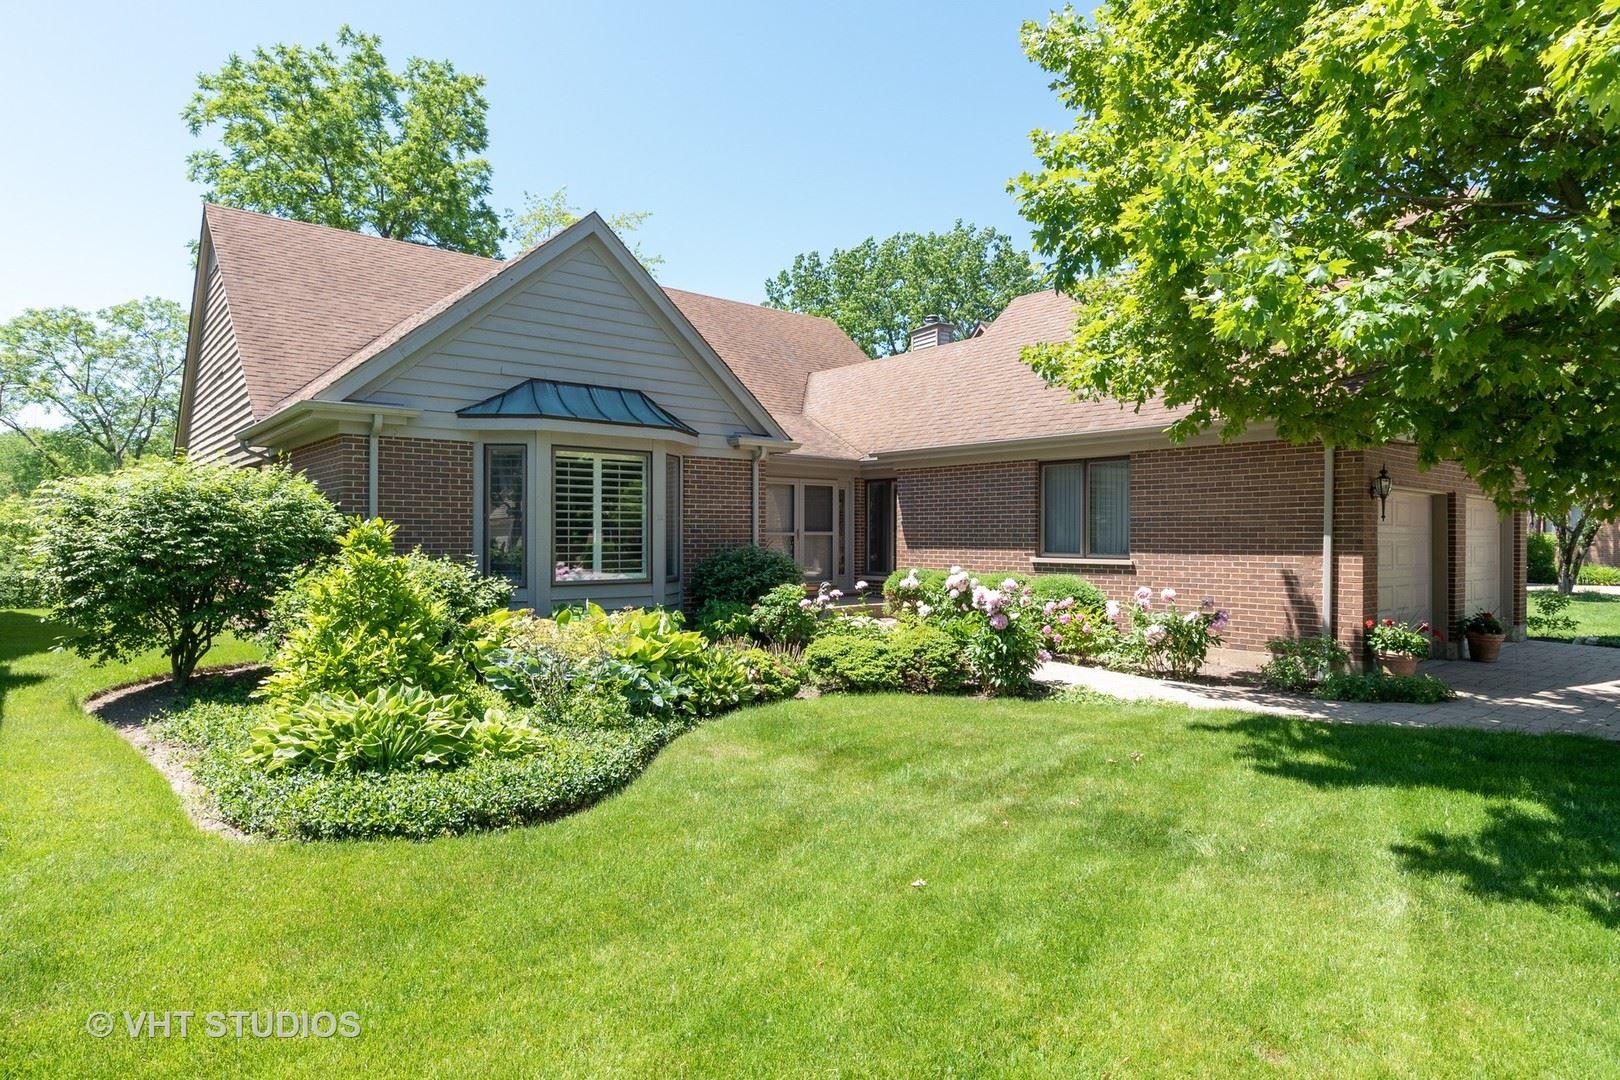 920 Villas Court, Highland Park, IL 60035 - #: 10678056